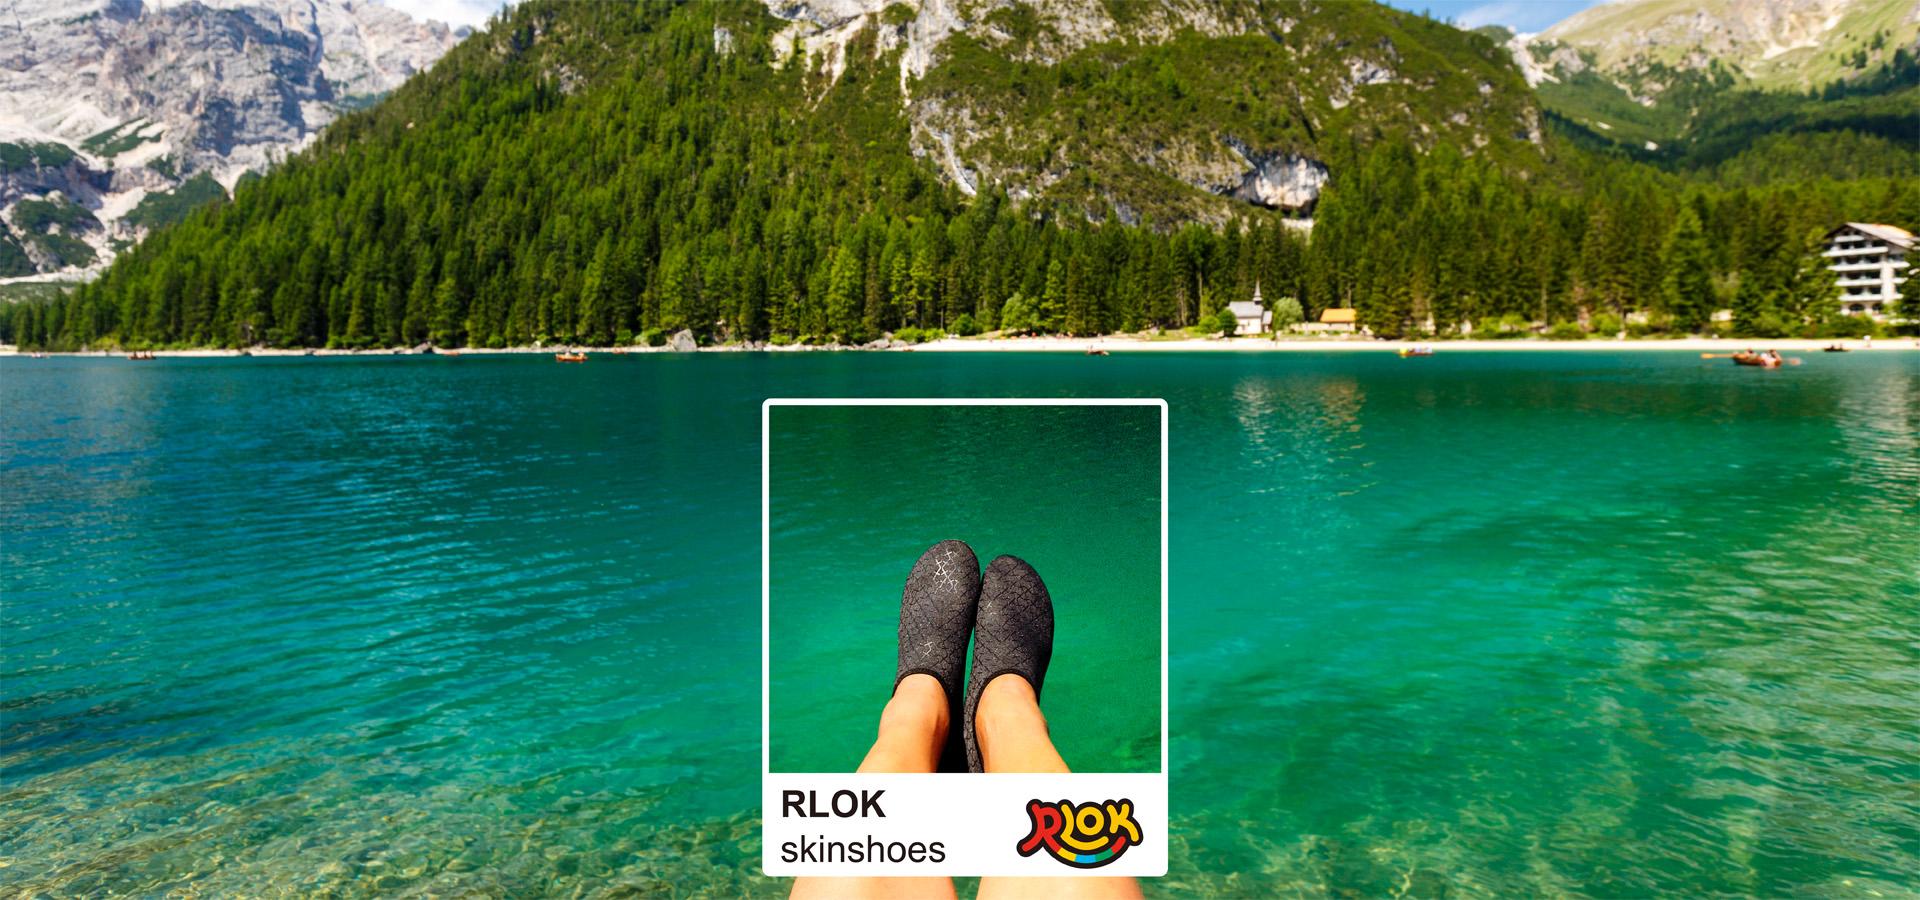 RLOK SKINSHOES 赤足鞋